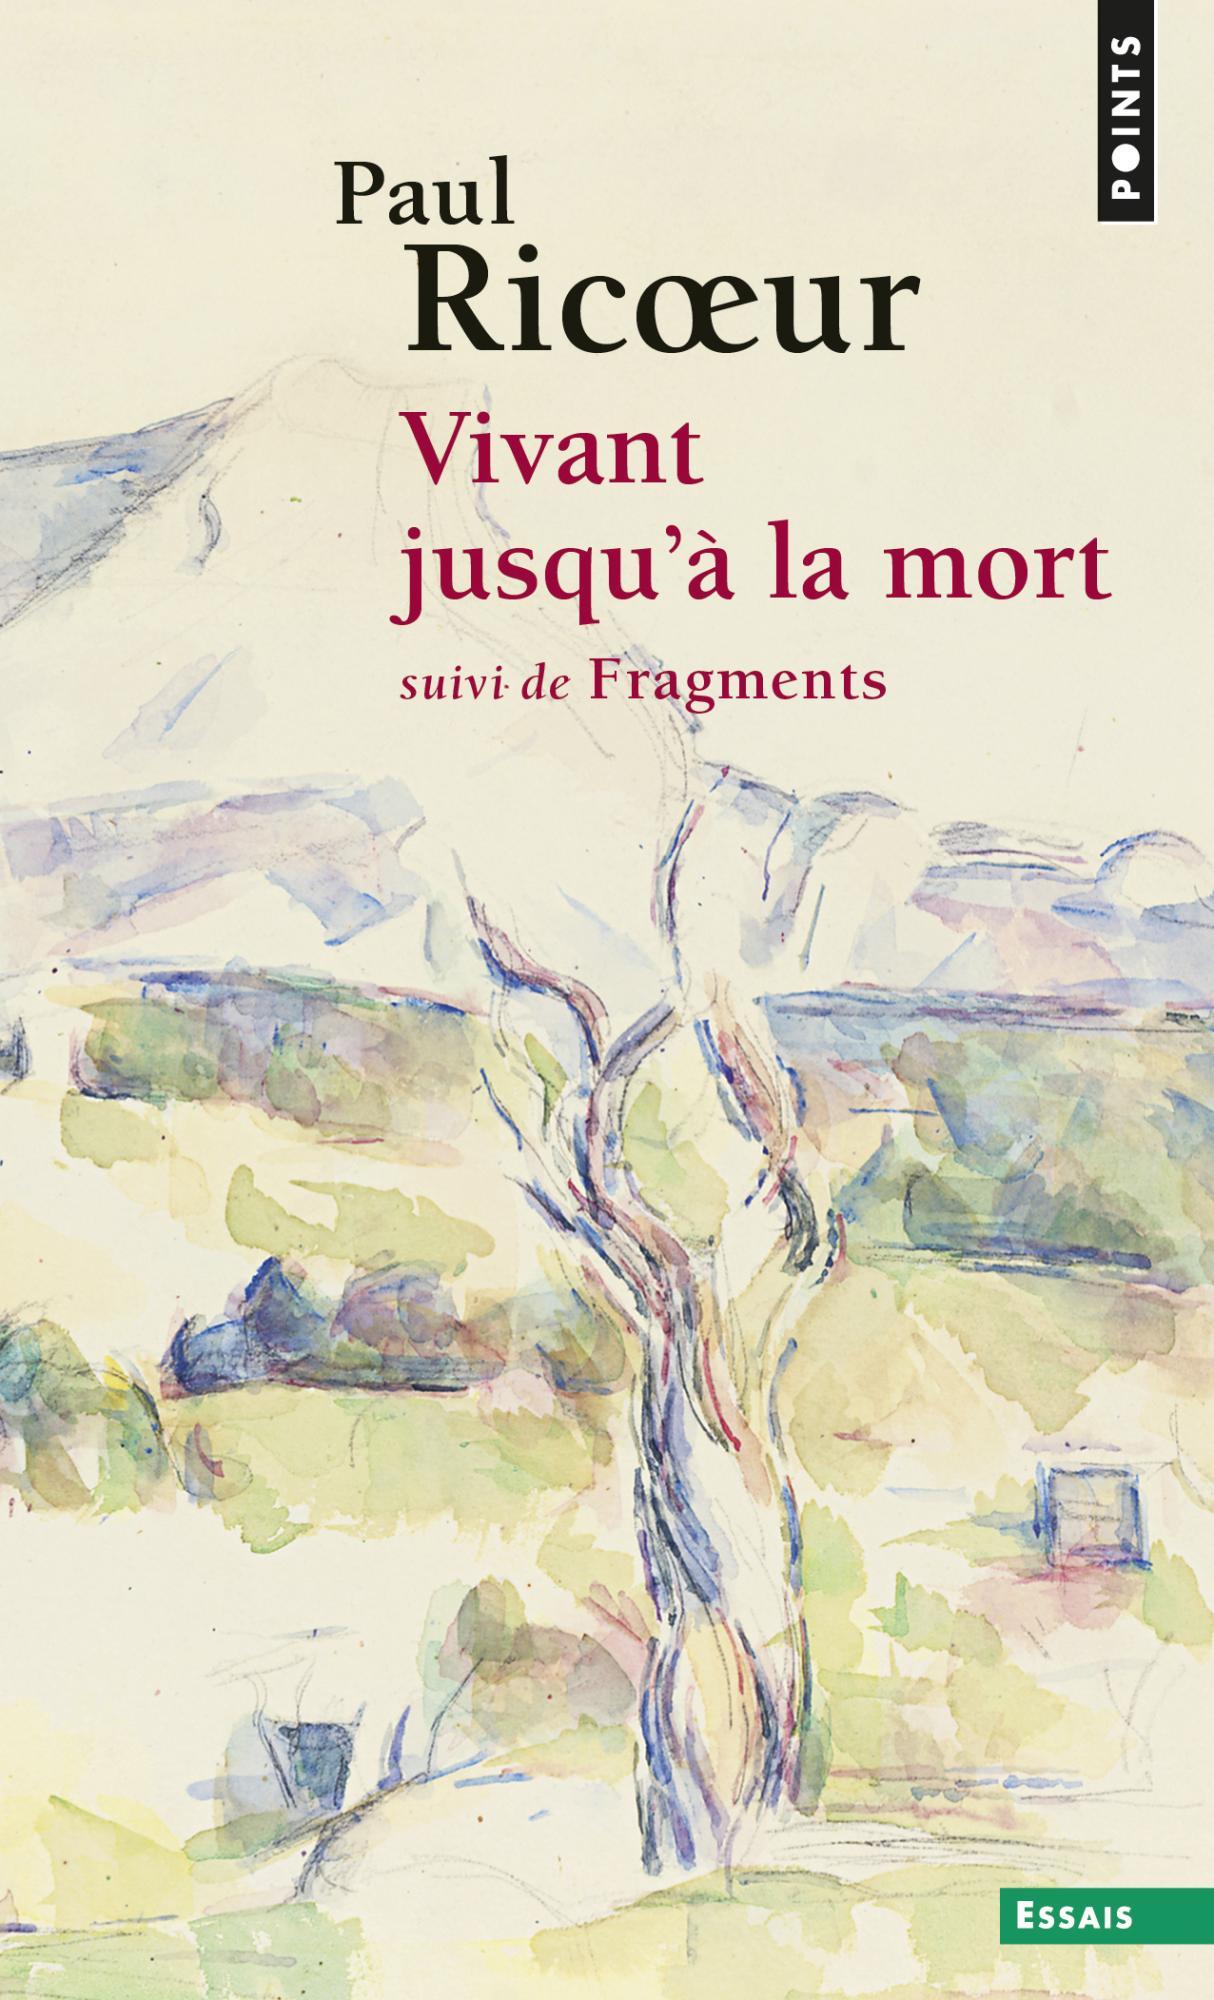 P. Ricœur, Vivant jusqu'à la mort, suivi de Fragments